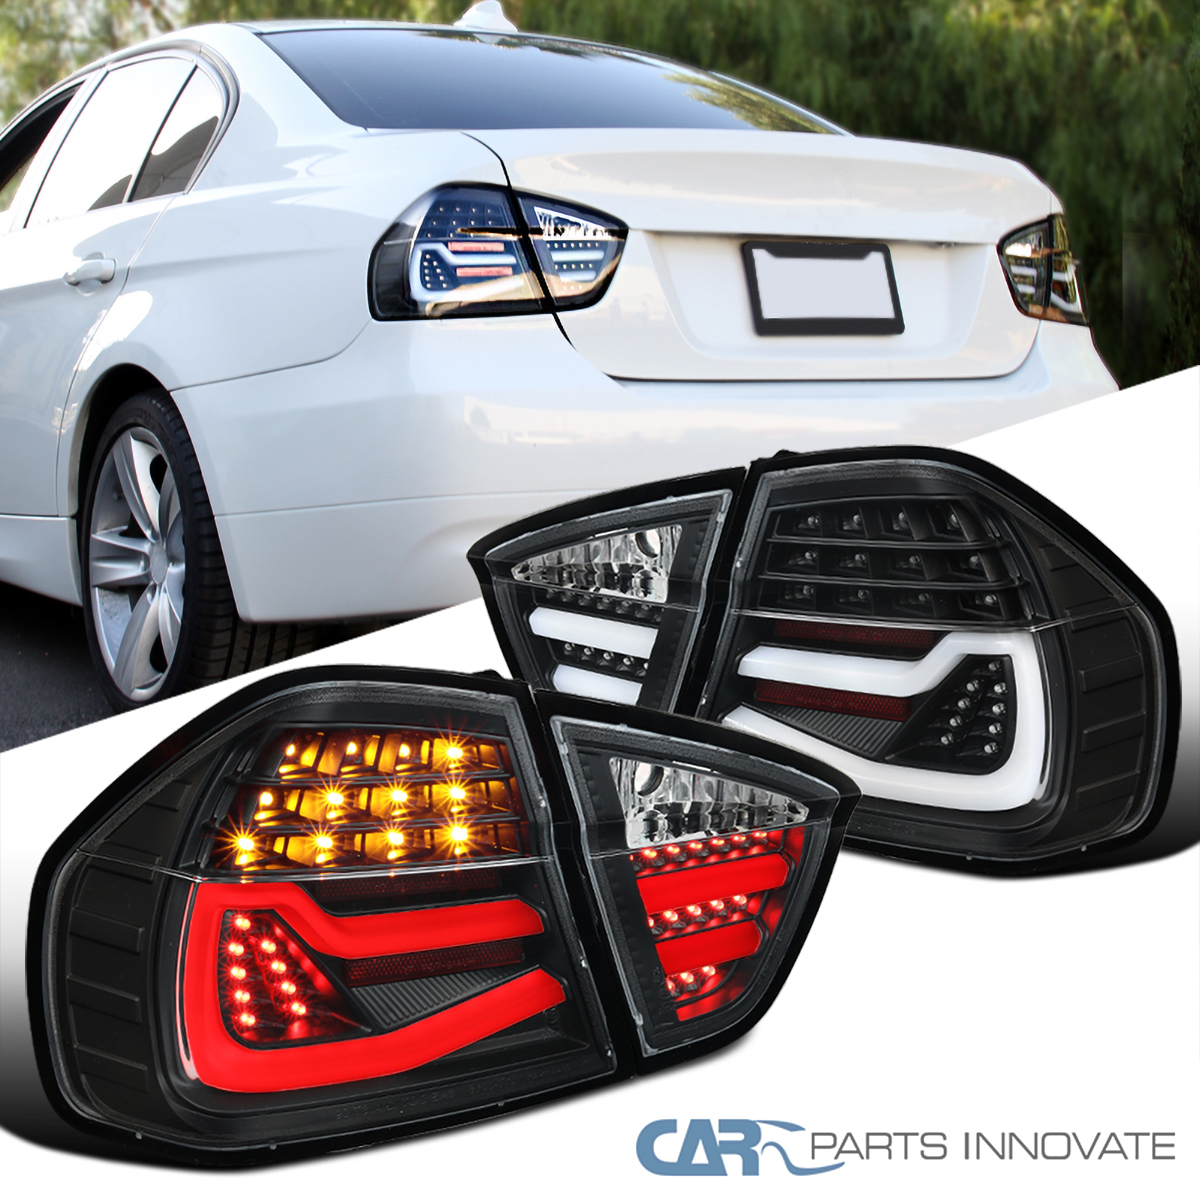 05-08 BMW 3 Series E90 4DR Sedan Black Tube LED Tail Lamps Rear Brake Light Pair